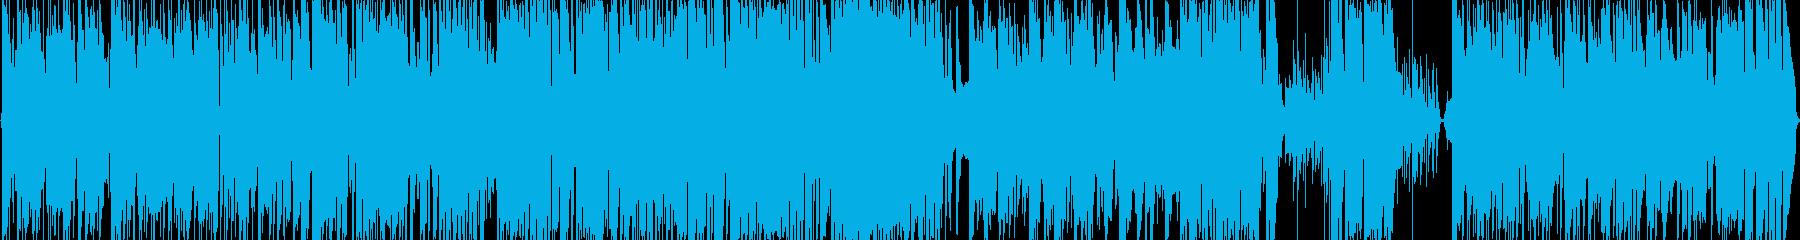 オペラ曲のジャズピアノトリオアレンジの再生済みの波形